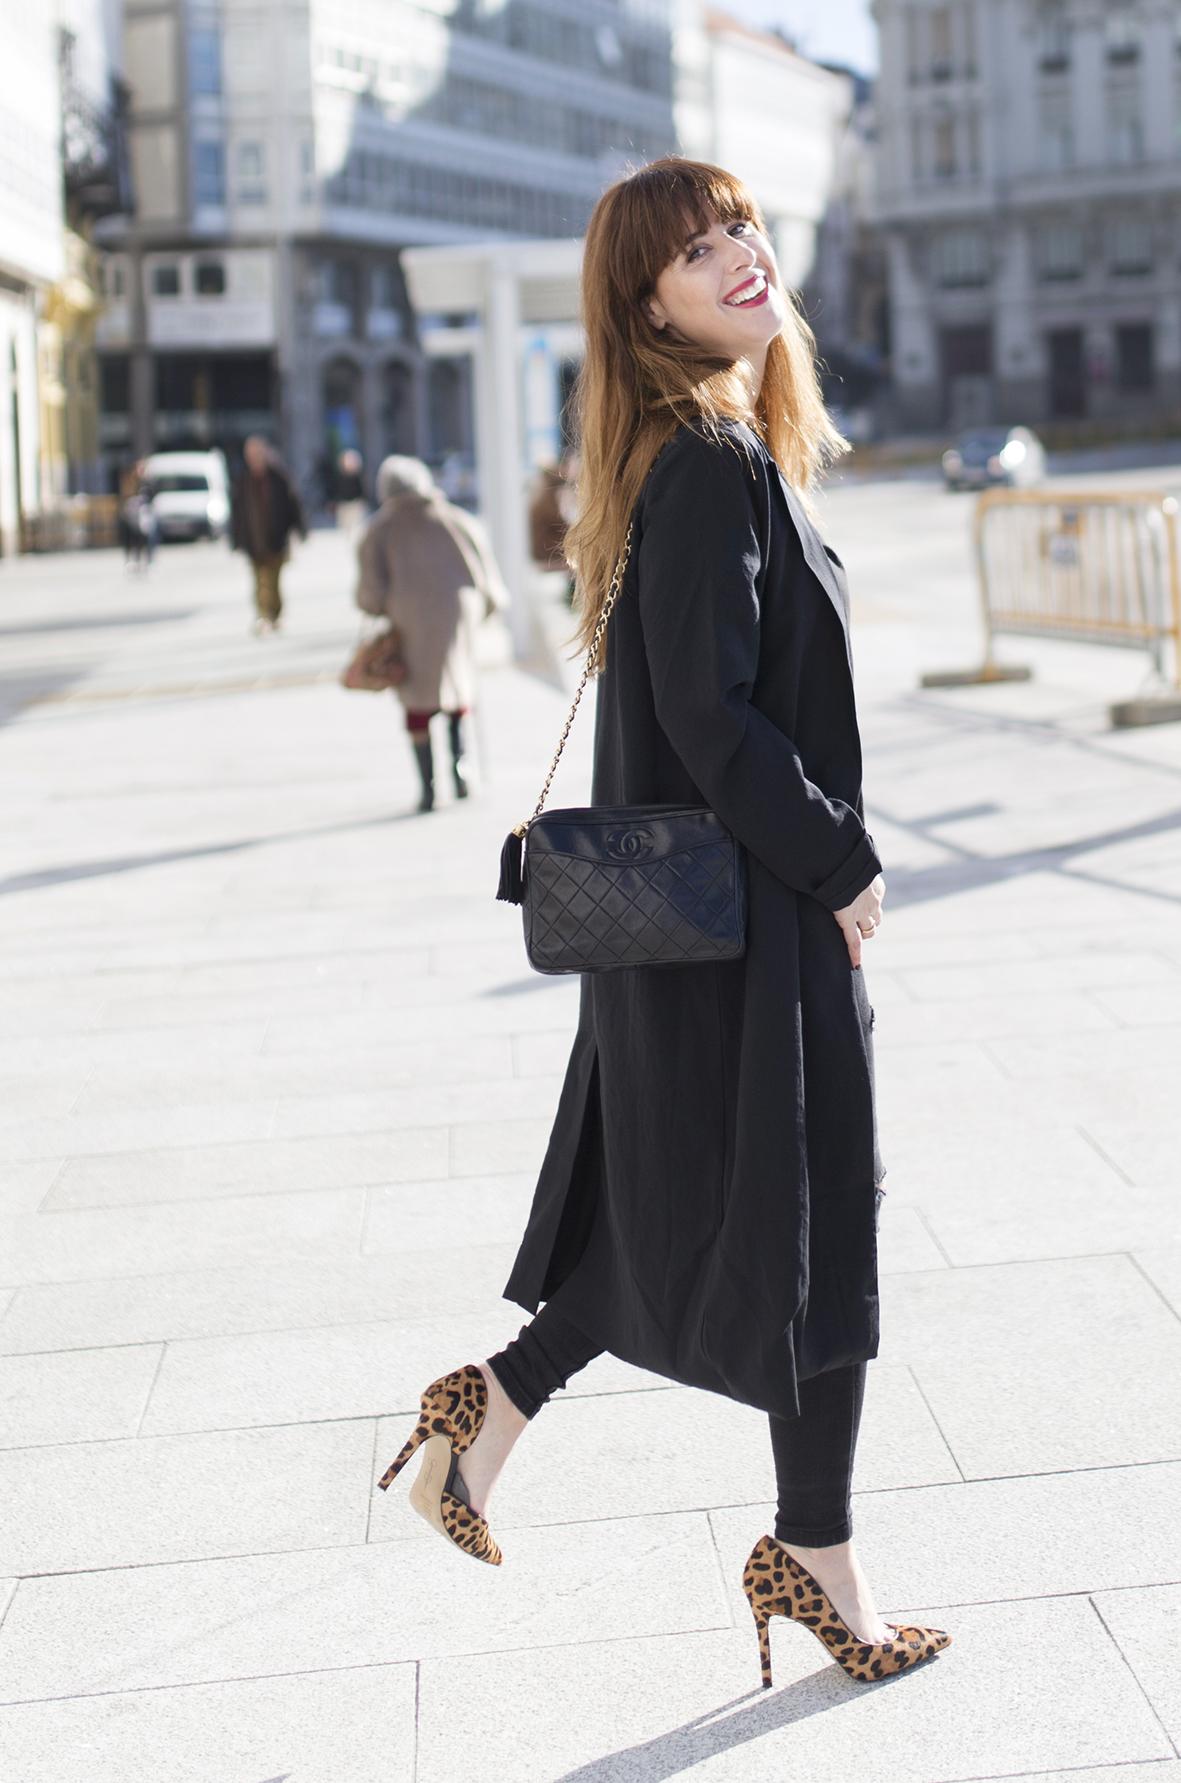 streetstyle- Coruña-Black look- blogger-Black-chanel bag-Vintage Chanel-leopard heels